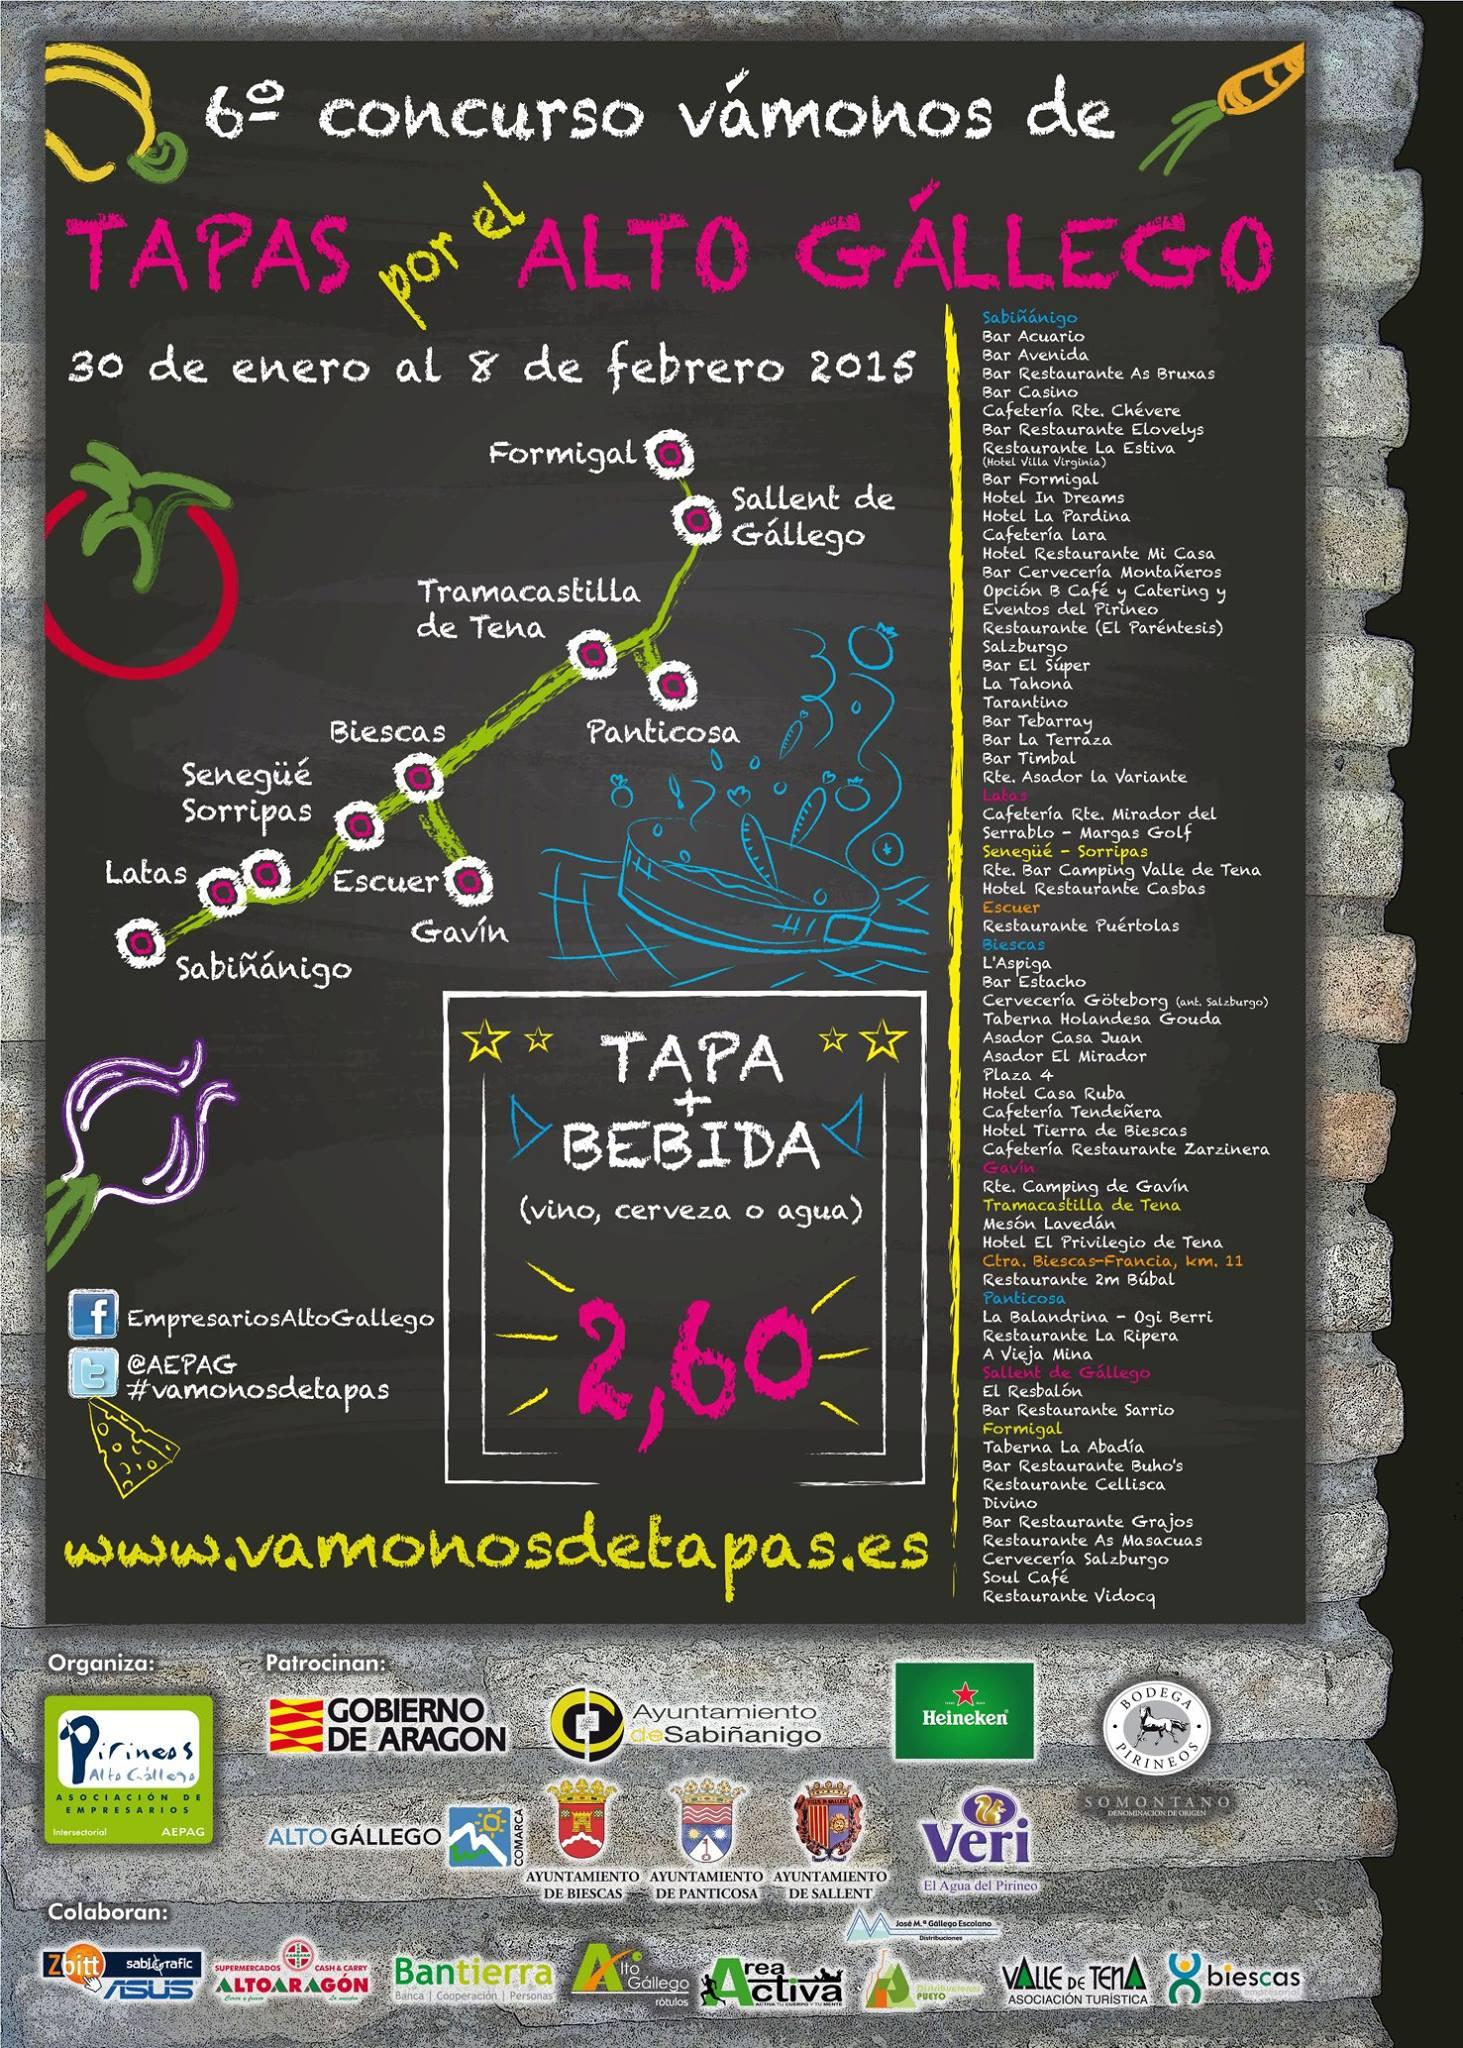 Tapa hotel el Privilegio - VI concurso Vámonos de tapas por el Alto Gállego